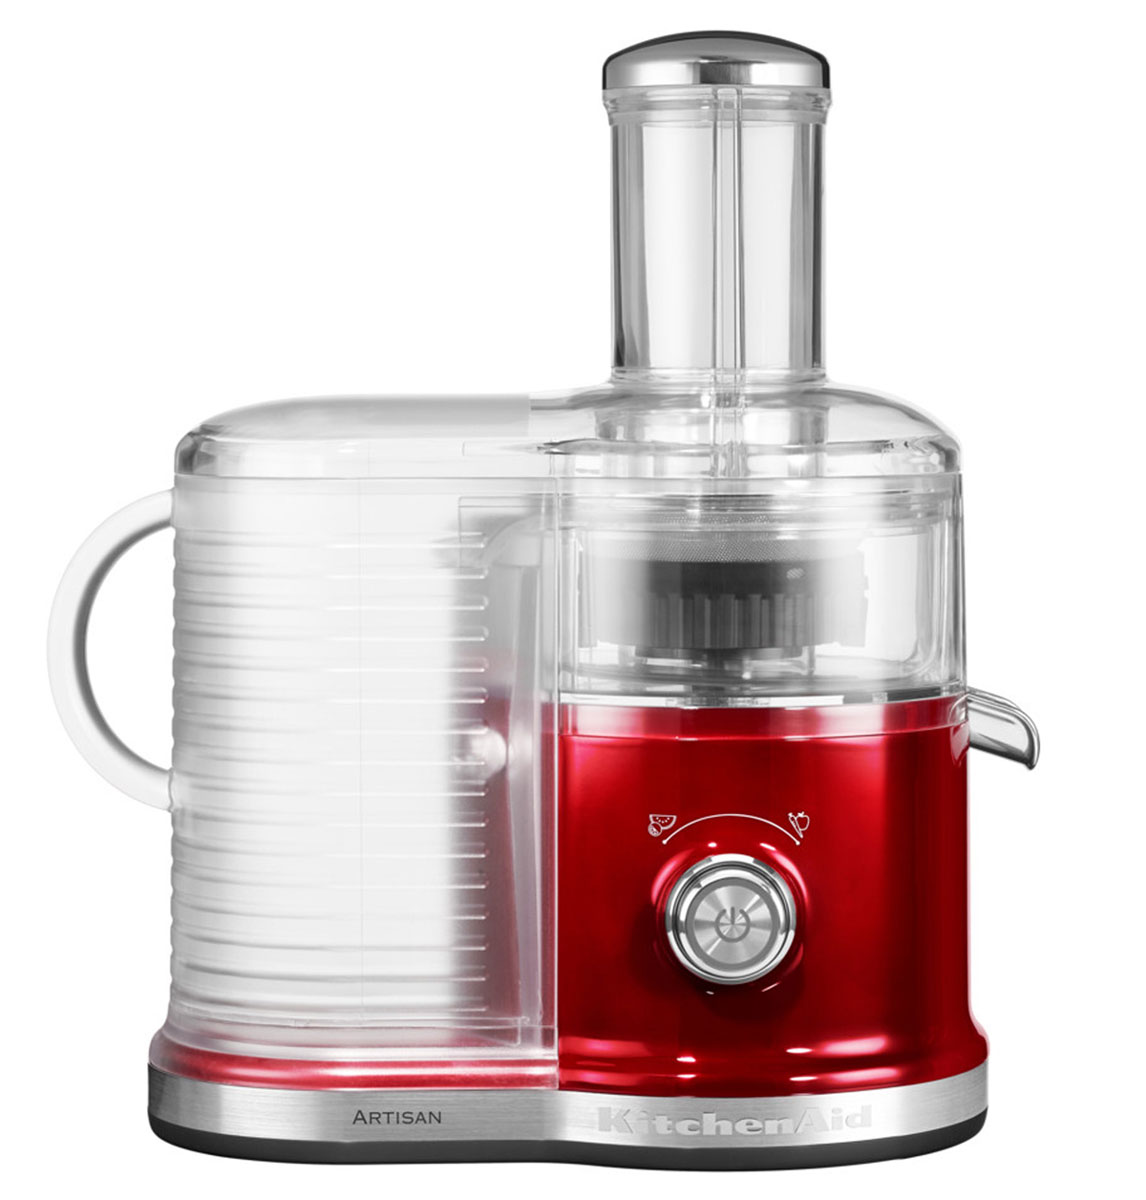 KitchenAid Artisan 5KVJ0333, Caramel Apple соковыжималка5KVJ0333ECAСкоростная центрифужная соковыжималка KitchenAid Artisan 5KVJ0333 имеет две скорости для мягких и твердых фруктов и овощей, что увеличивает объем получаемого сока, сокращая количество отходов.Экстра широкое жерло и толкатель подходит для фруктов и овощей разных размеров, сокращая время предварительной нарезки.Капля-стоп для контролирования вытекания сока.Контроль объема мякоти с помощью фильтра с 3-мя регулируемыми настройками позволяет регулировать объем мякоти в соке для приготовления однородных овощных соков или более густых фруктовых соков.